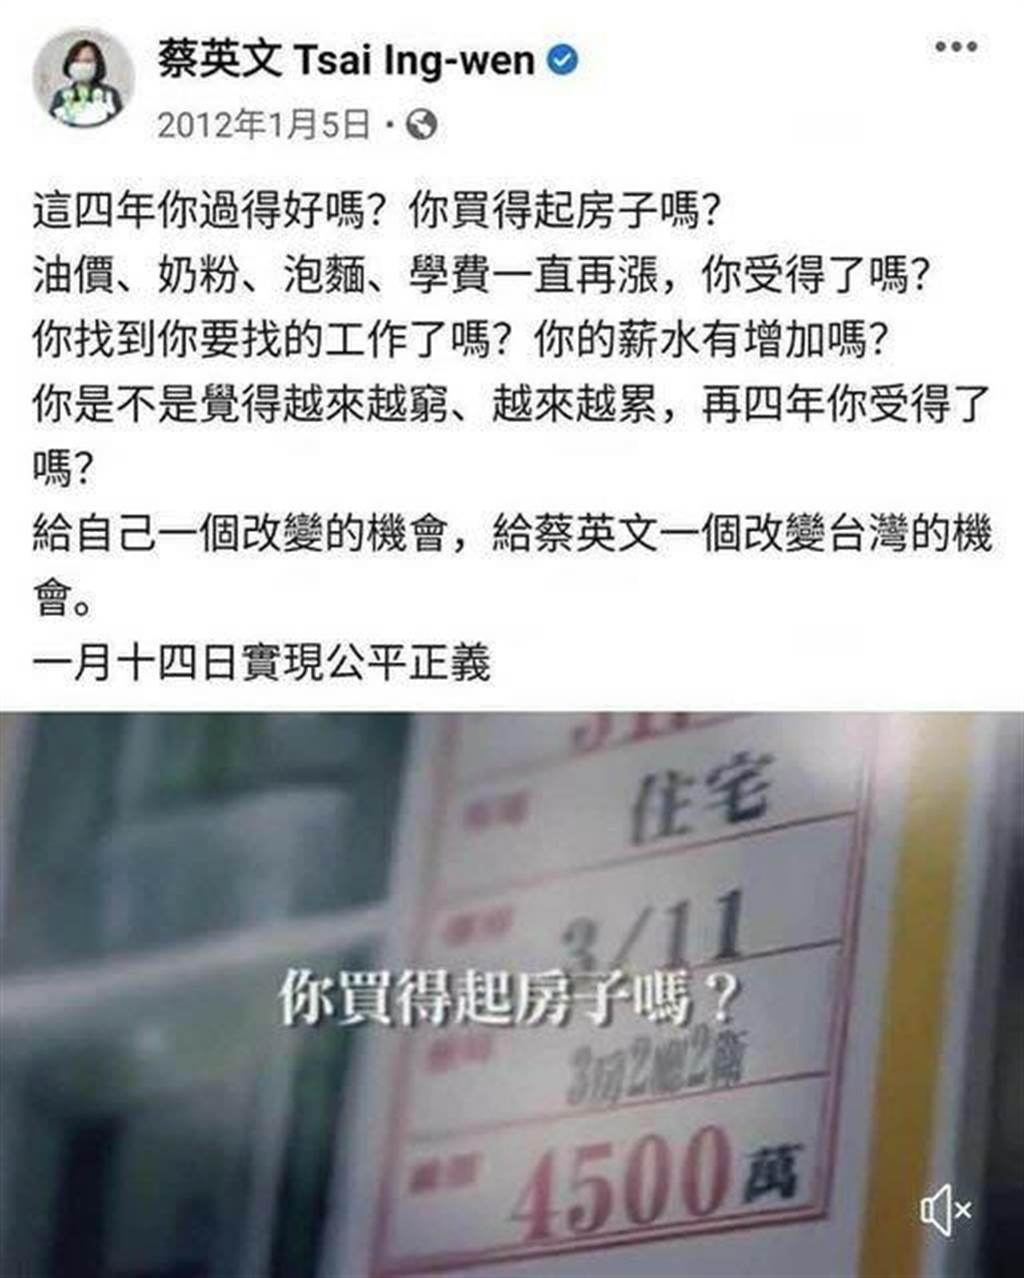 蔡英文2012年競選總統時曾問「你買得起房子嗎?」希望選民給她一個機會改變台灣。(圖/摘自臉書)